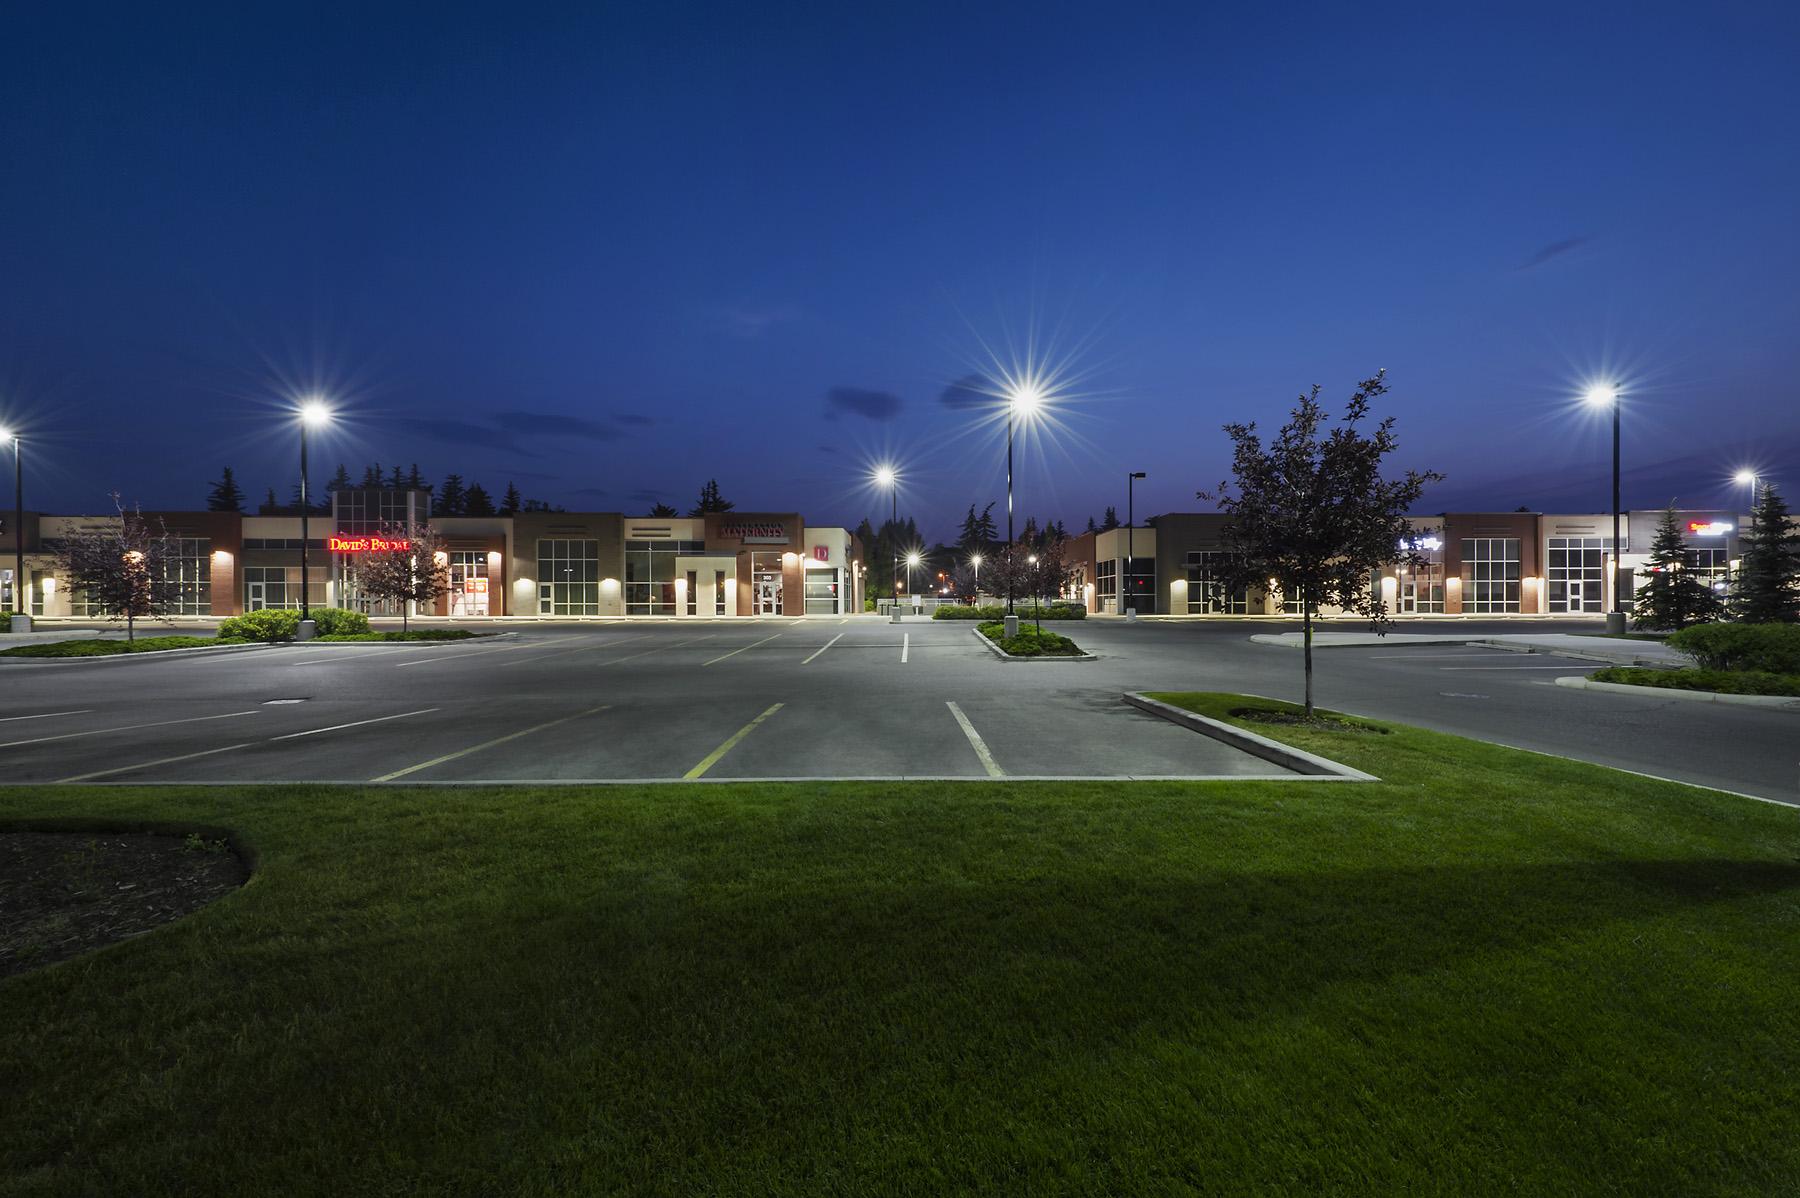 Kingsland Village by Telsec Group